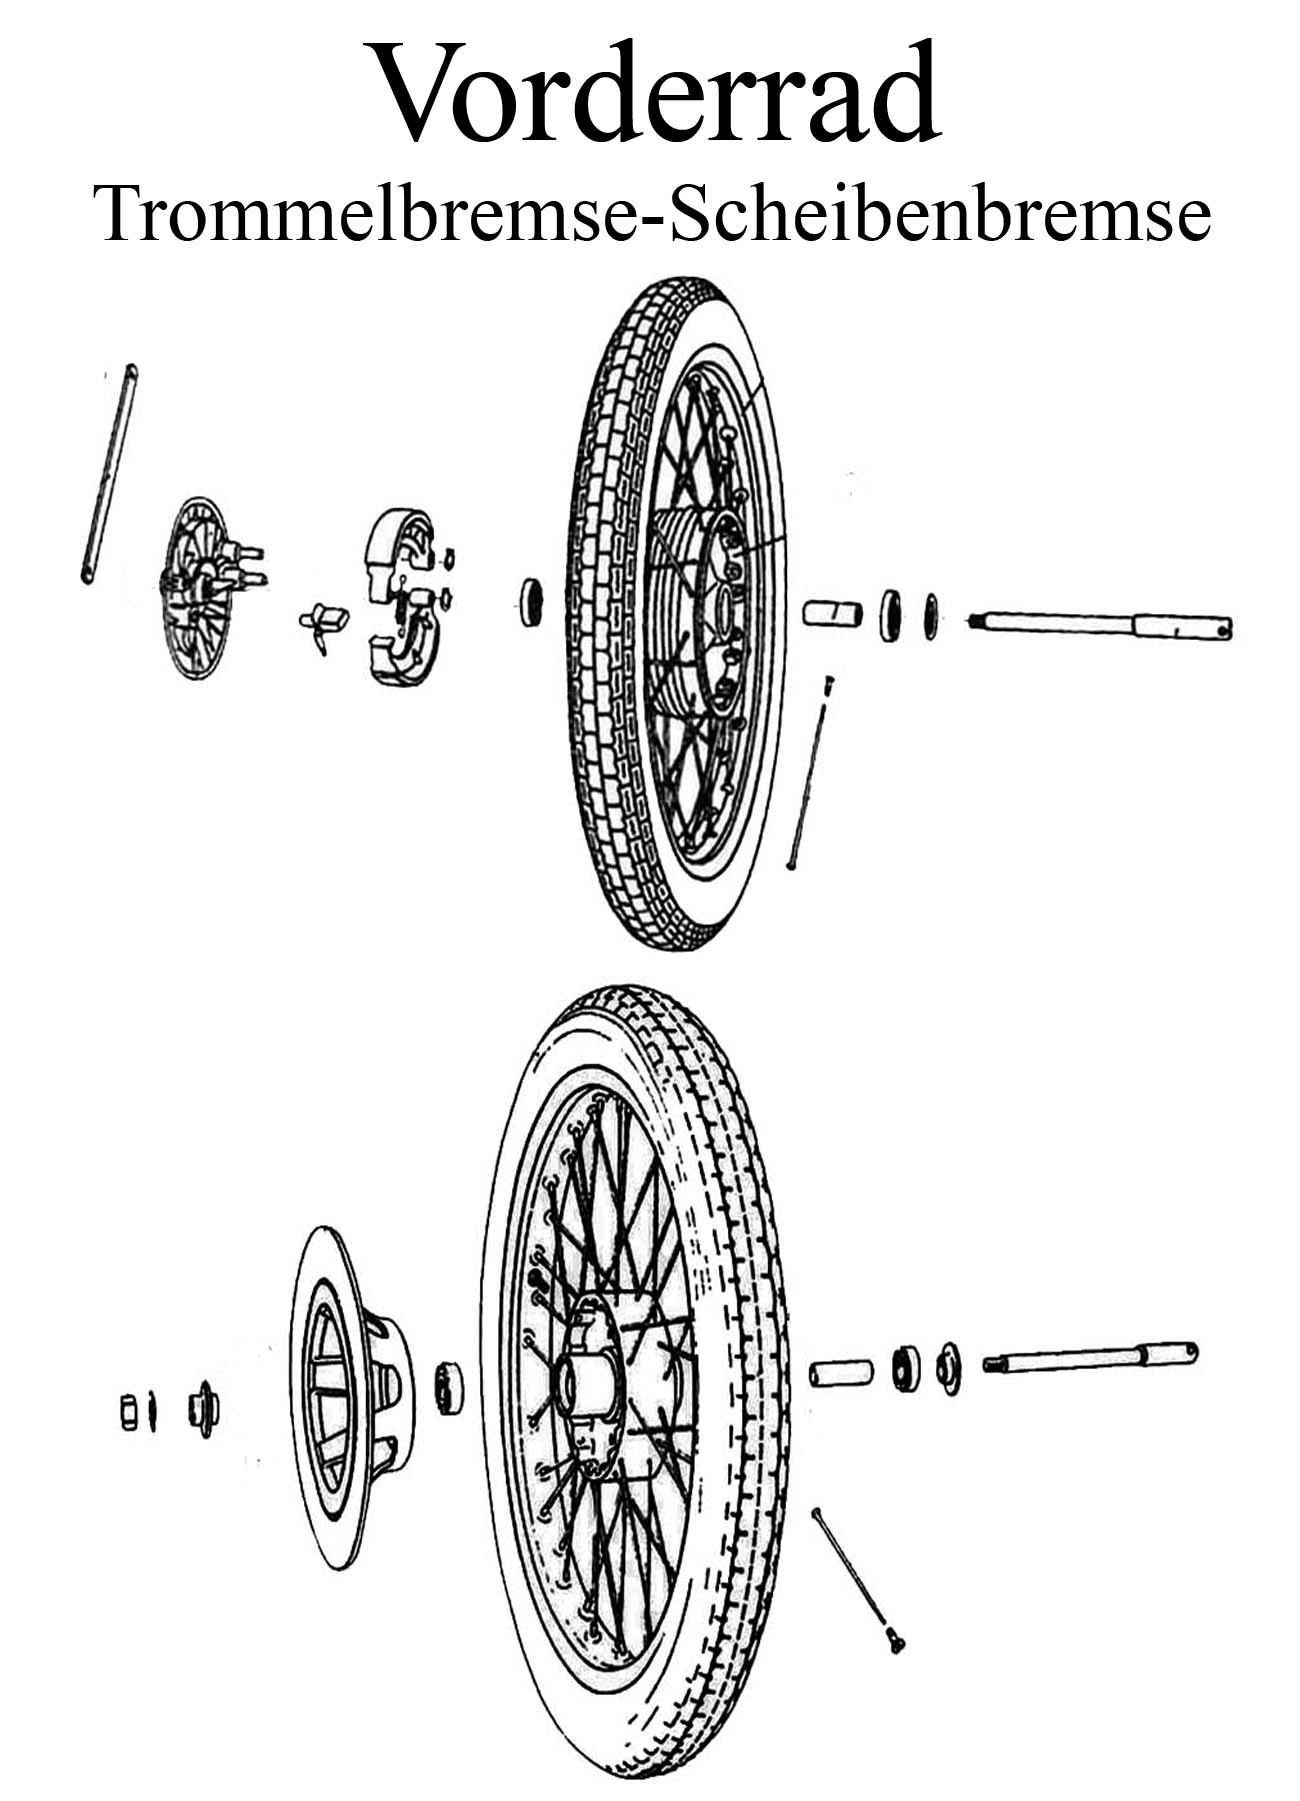 MZ ETZ 251 Ersatzteileliste Vorderrad Trommel-Scheibenbremse 18 Zoll Reifen Schlauch Felgenband Lager Speichen